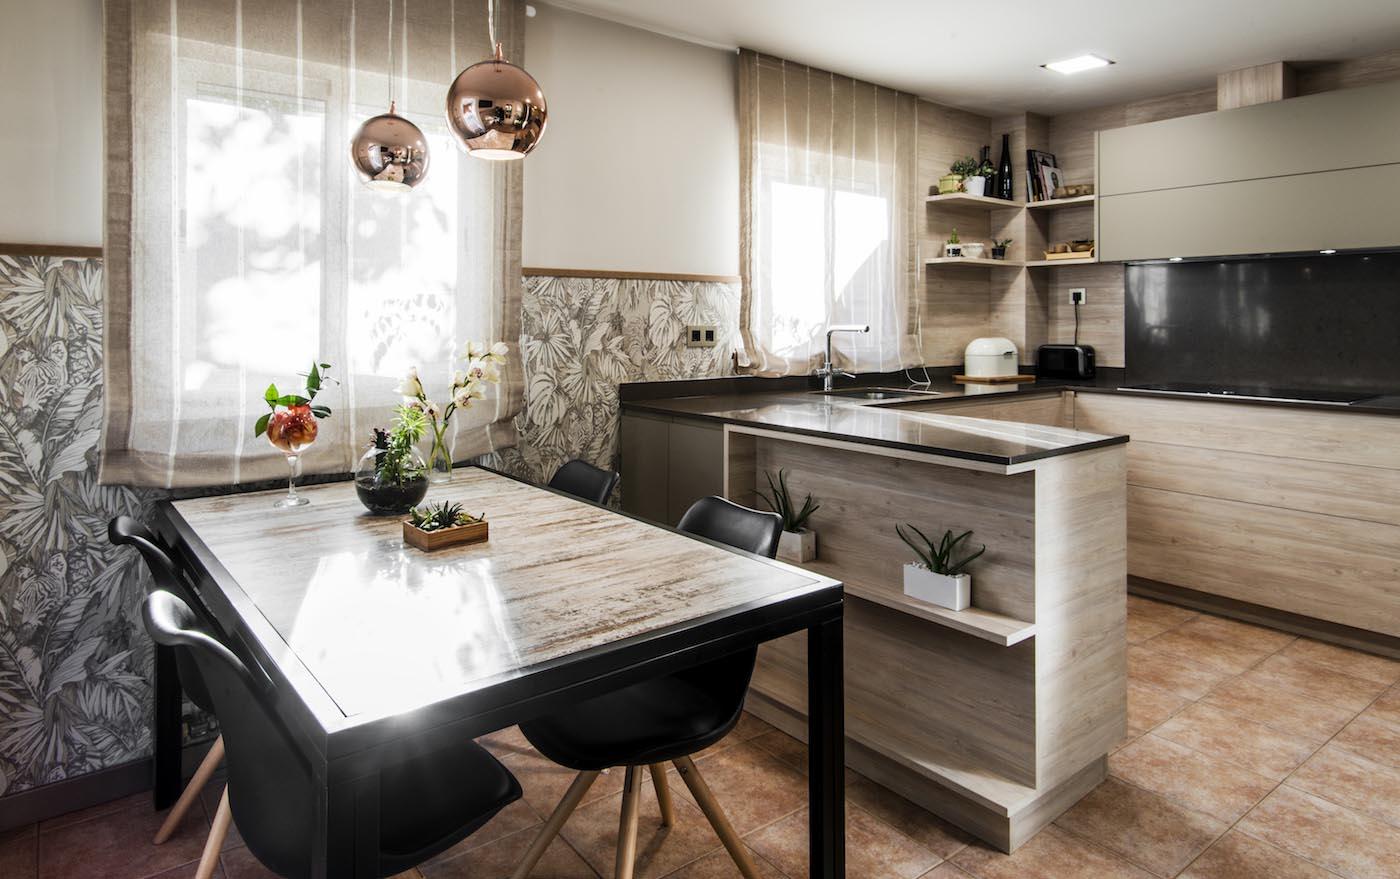 Reforma de cocina en c ciudad real zaragoza decaoba - Cocinas ciudad real ...